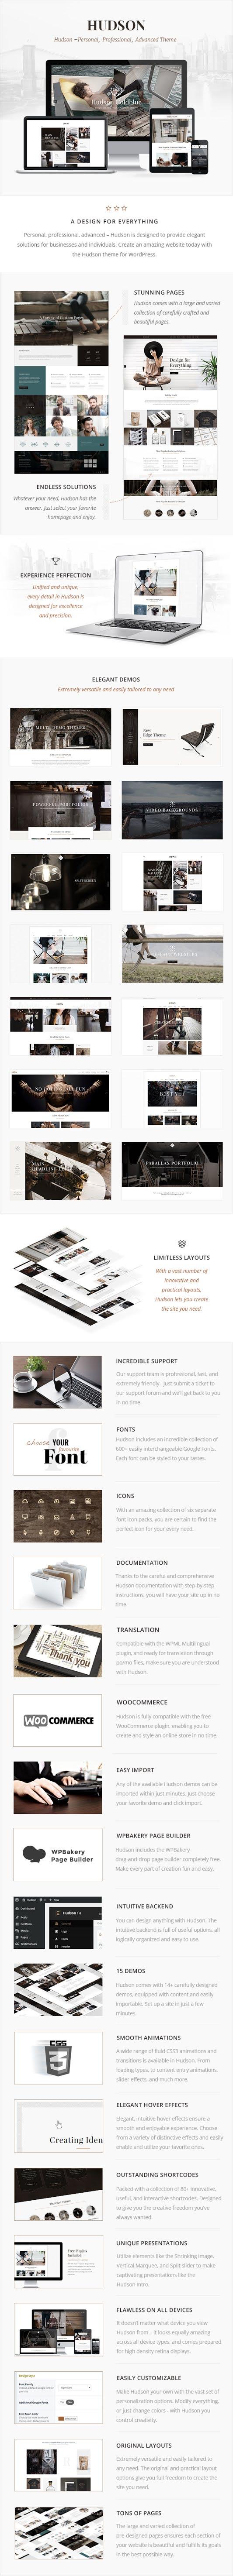 Stylish Business WordPress Theme Review - Hudson